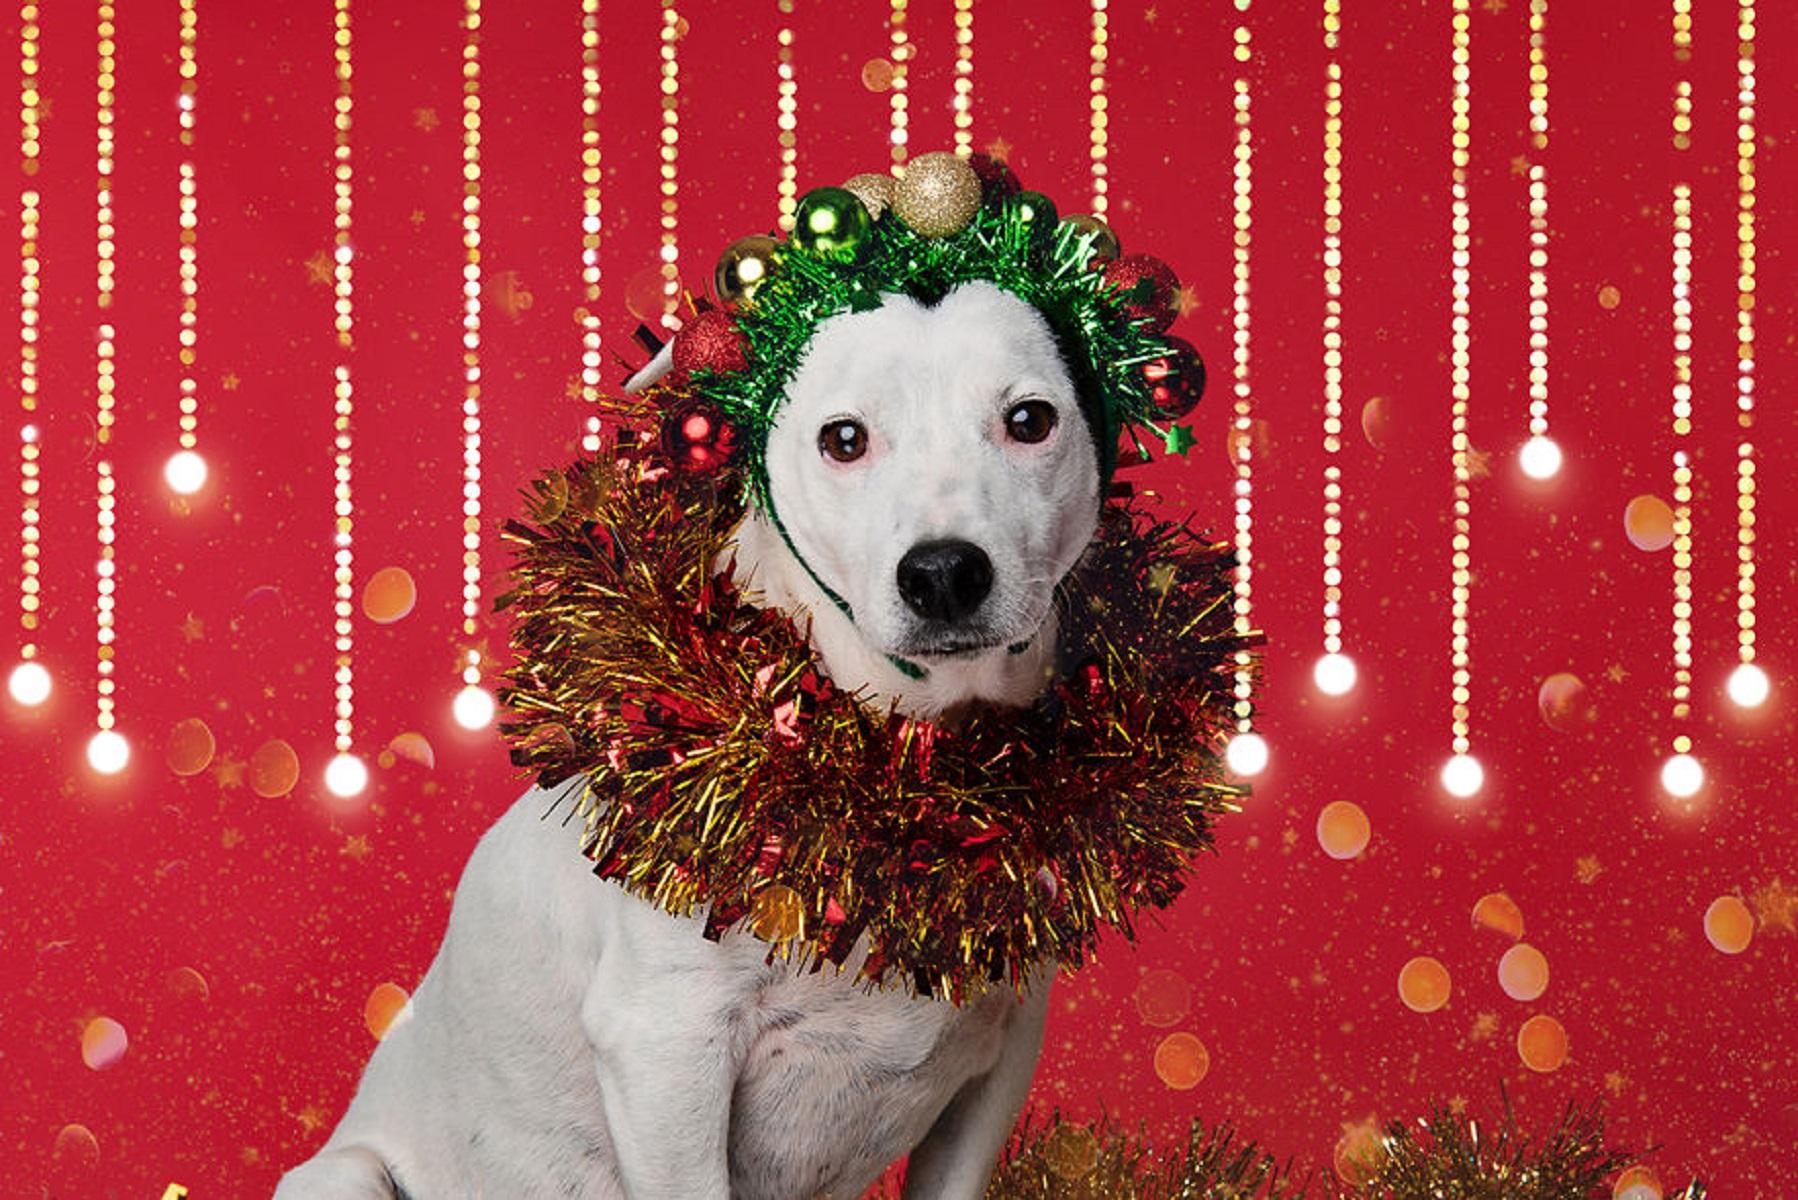 12 caes do Natal essa sessao de fotos natalinas vai te ajudar a entrar no espirito natalino 7